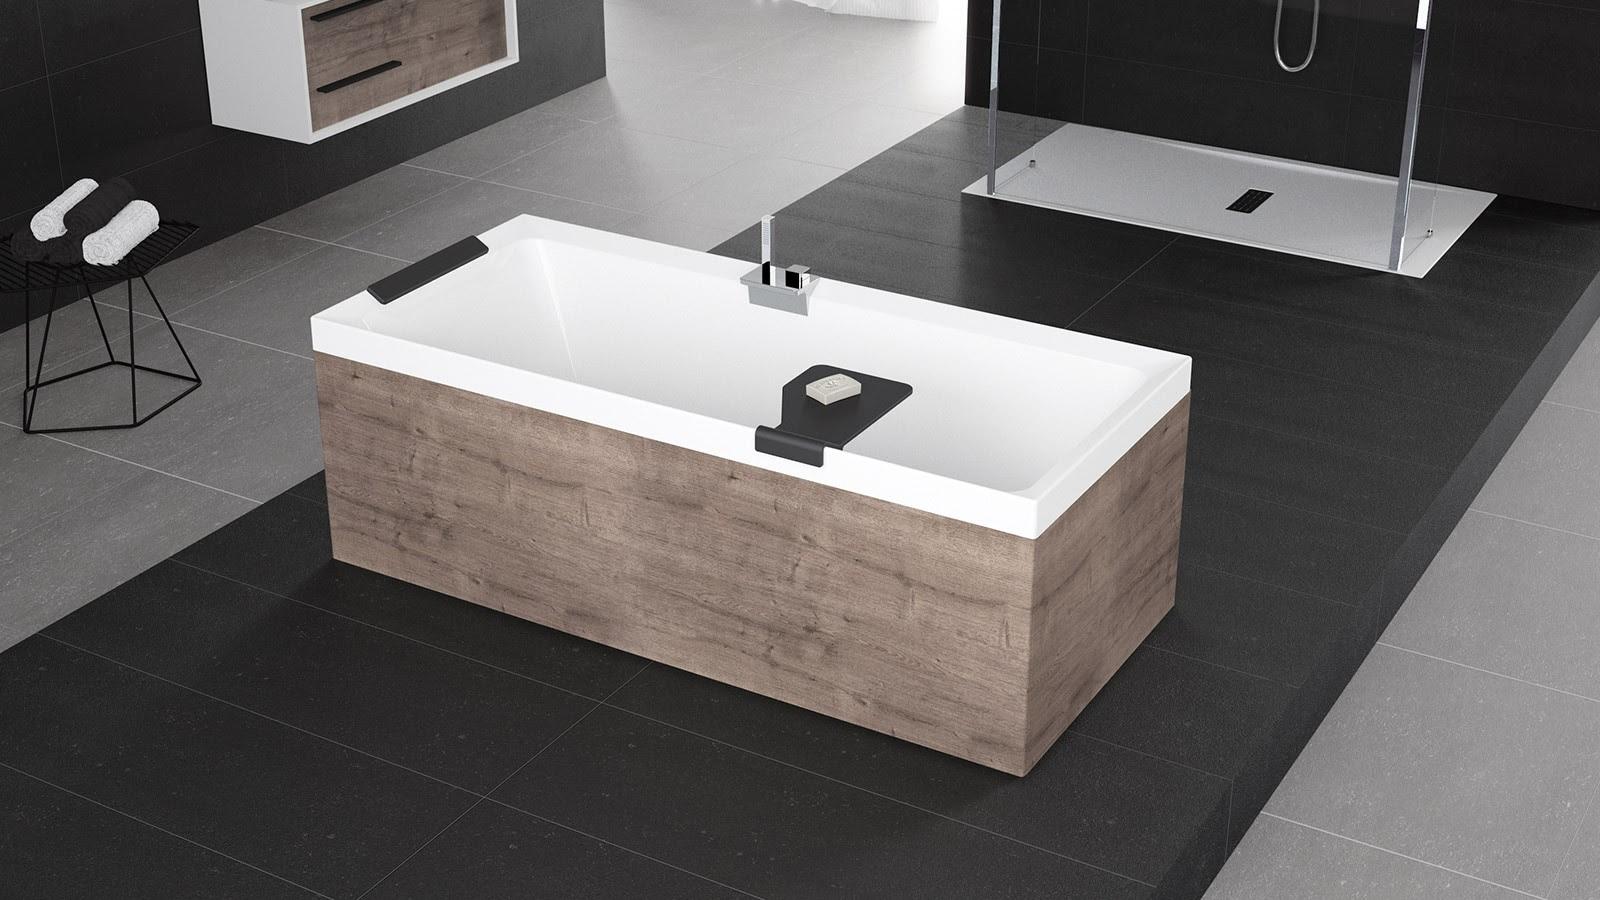 La nuova vasca da bagno DIVA della Novellini, immersione ...